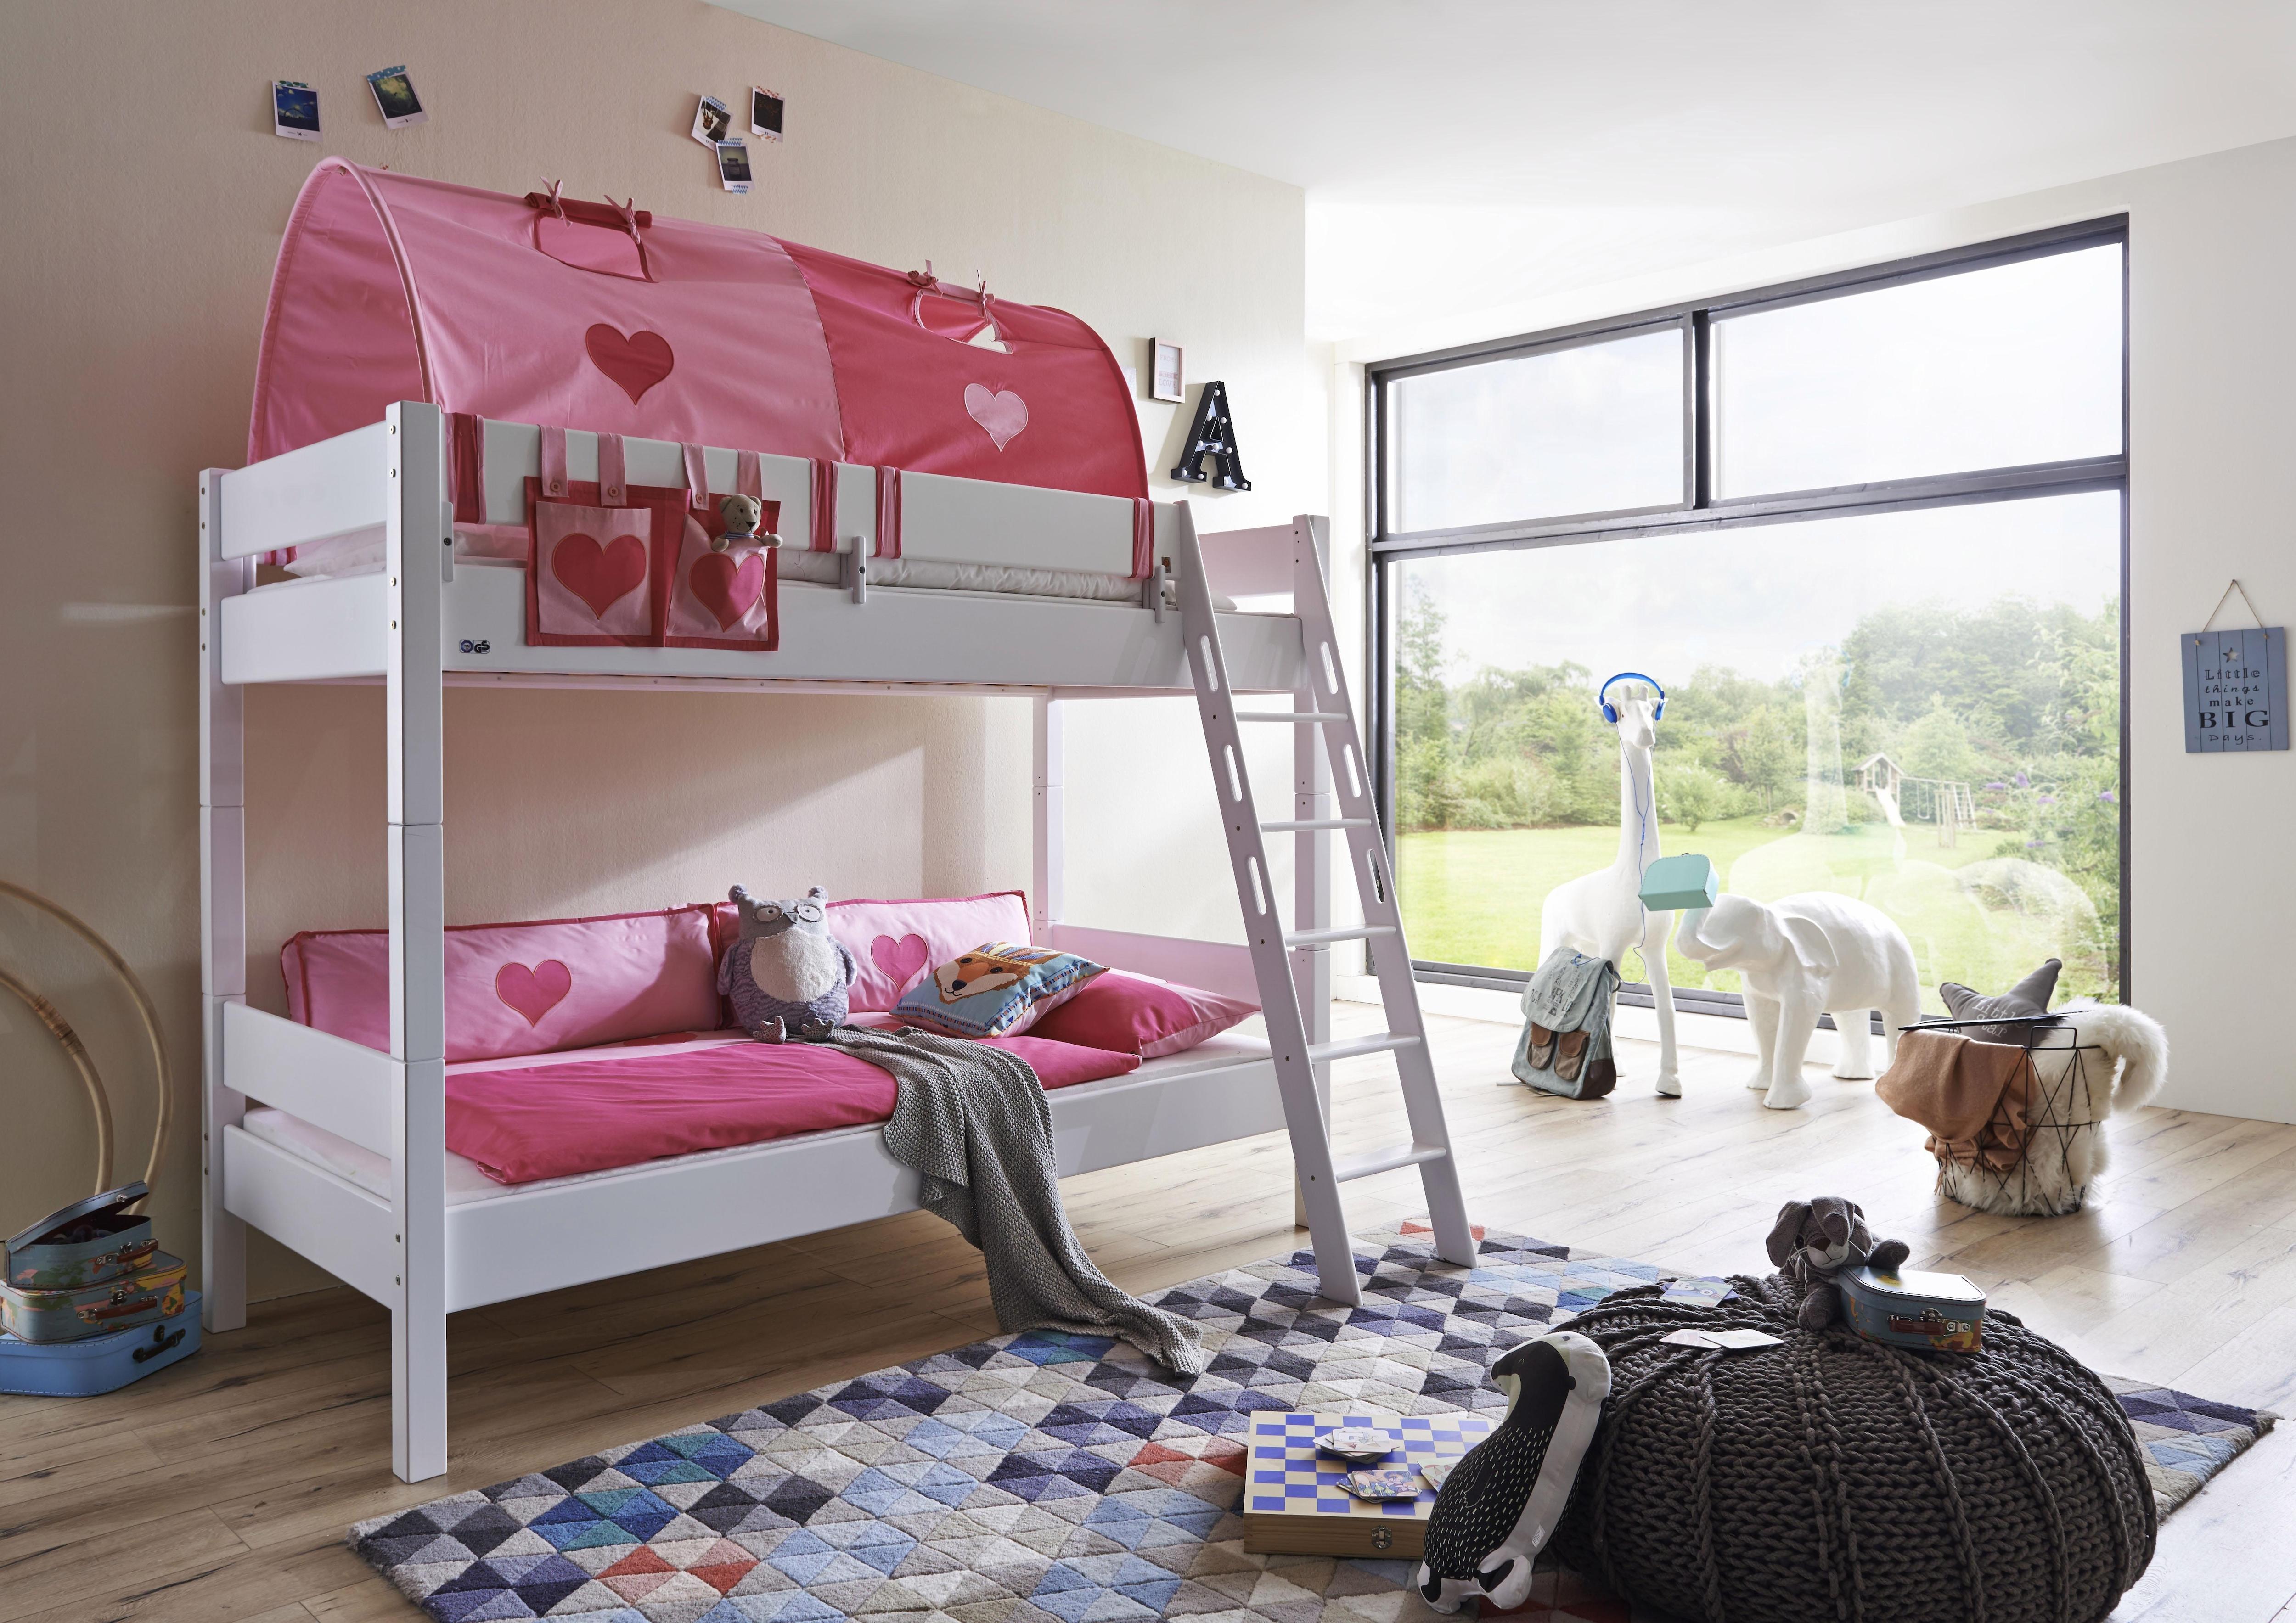 Etagenbett Rene : Infanskids etagenbetten online kaufen möbel suchmaschine